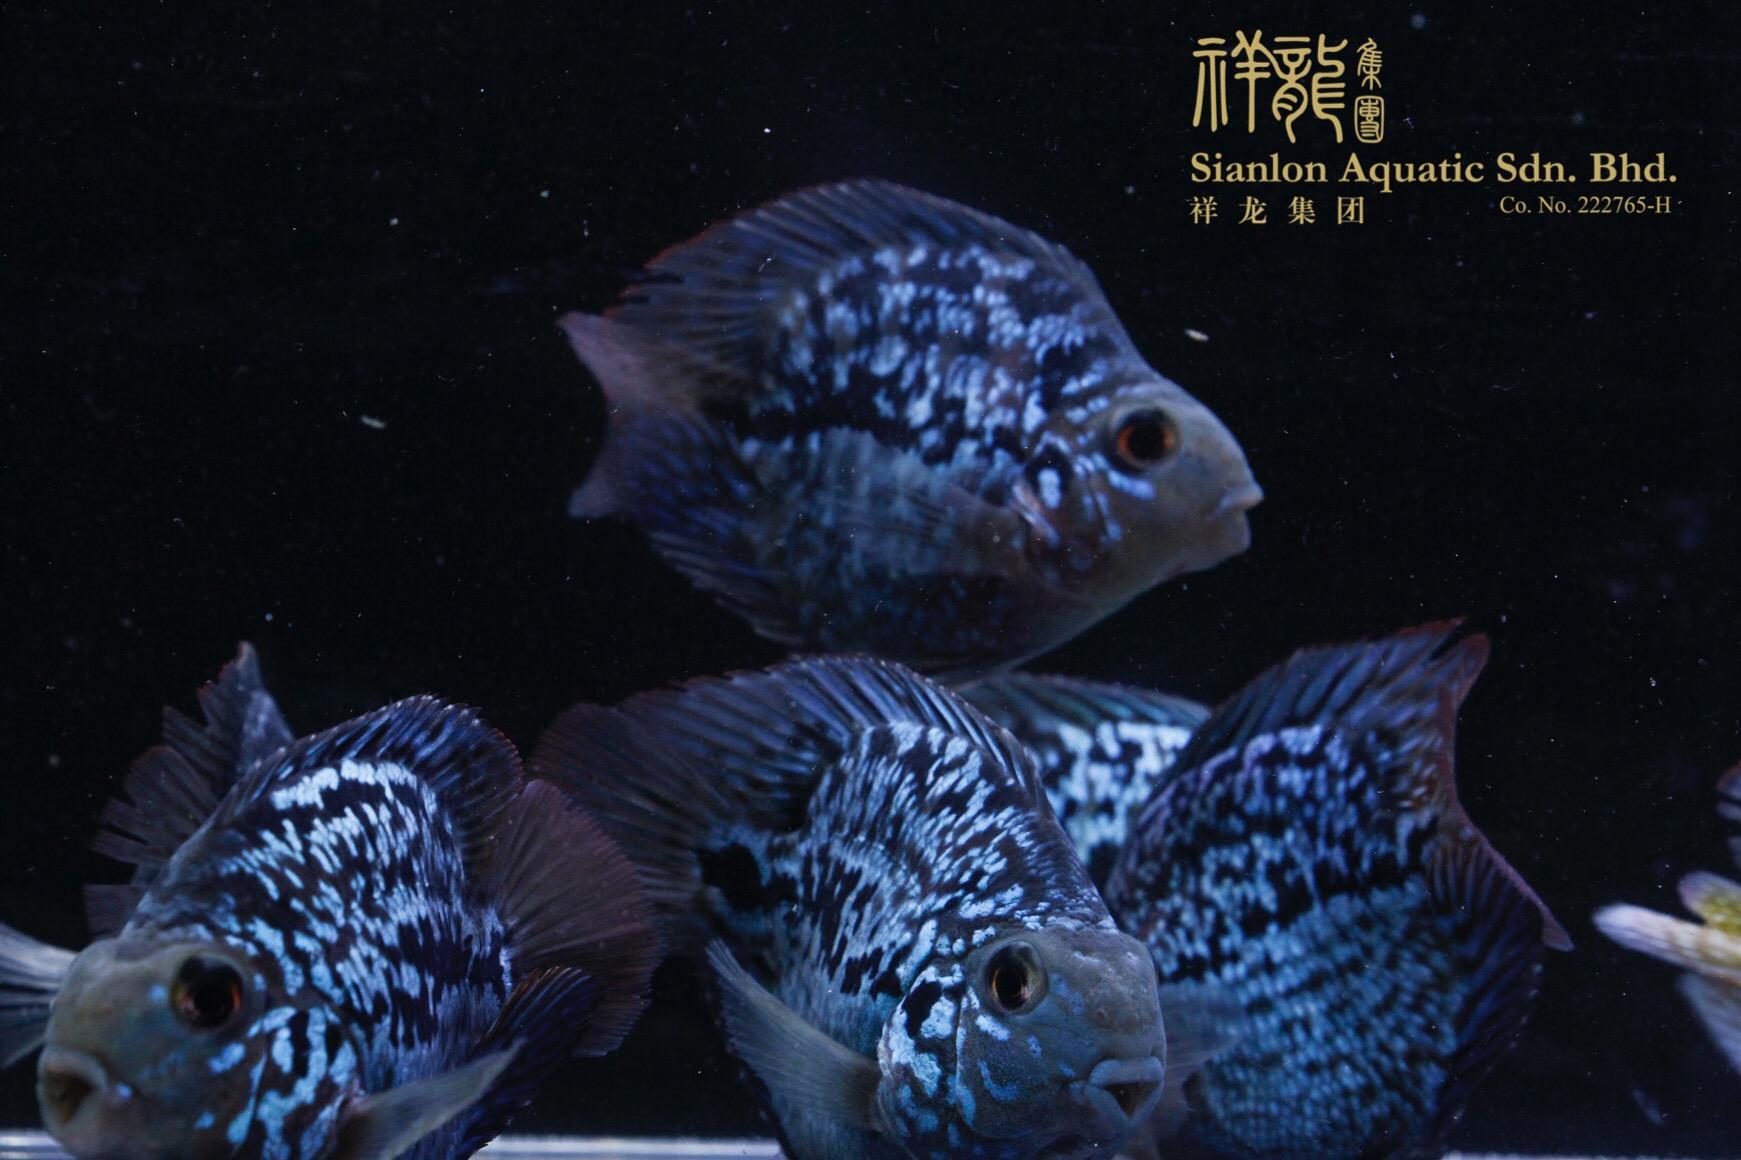 北京黑卡鱼 北京水族新品 北京龙鱼第5张